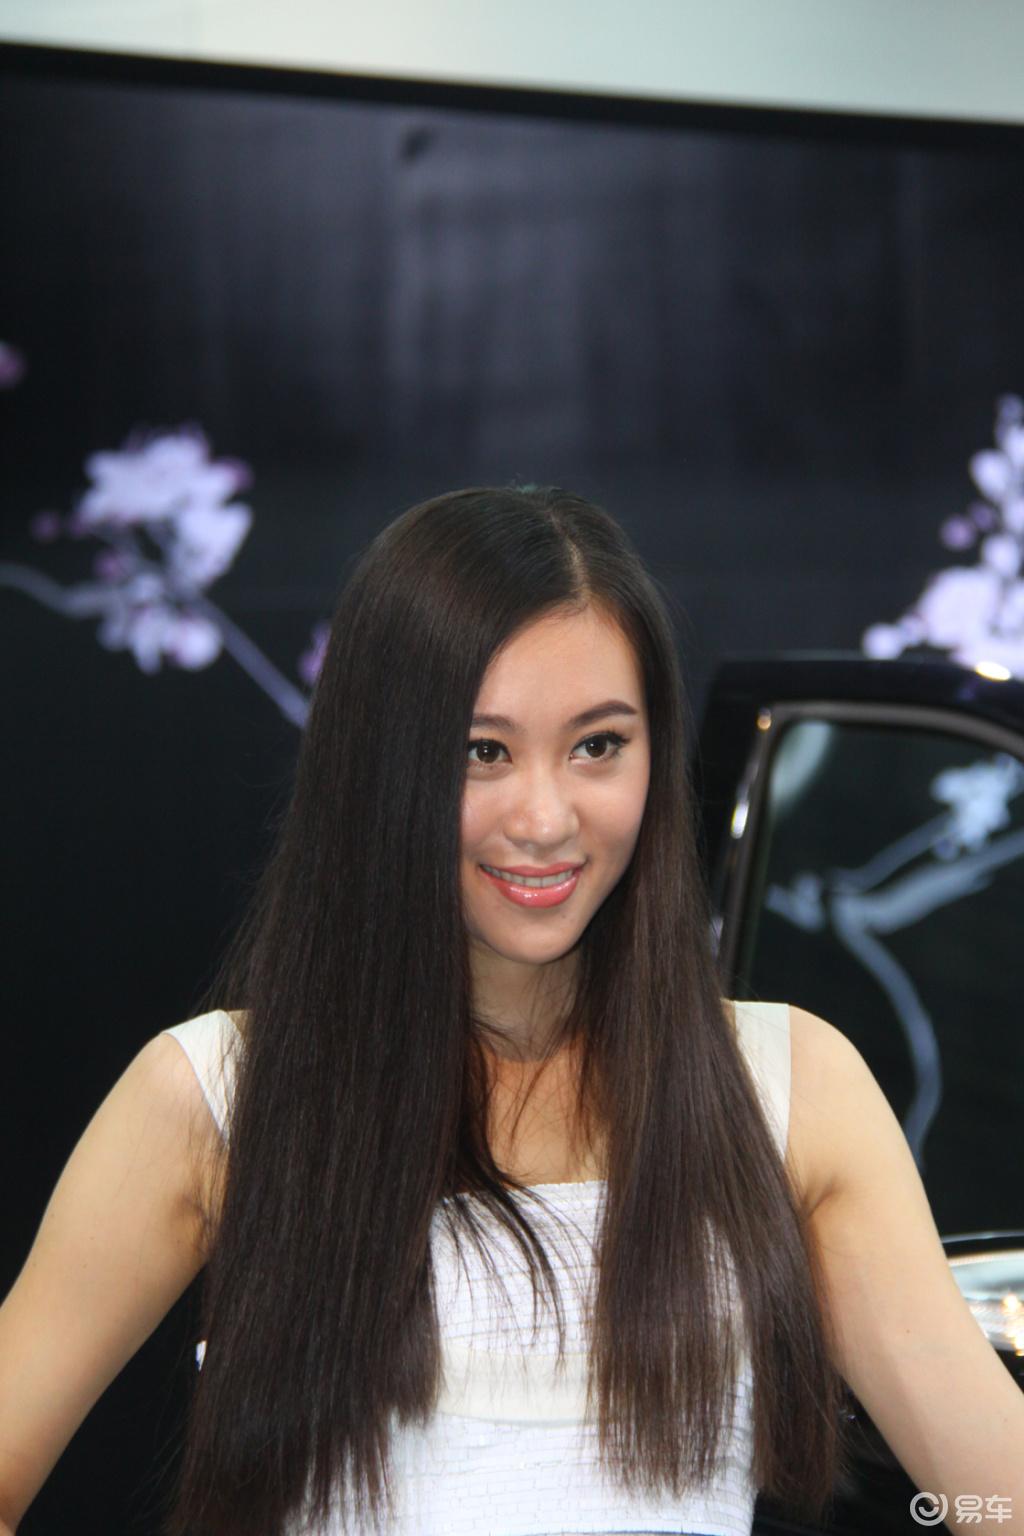 台湾的长发美女怎能少了粉红芭比图片